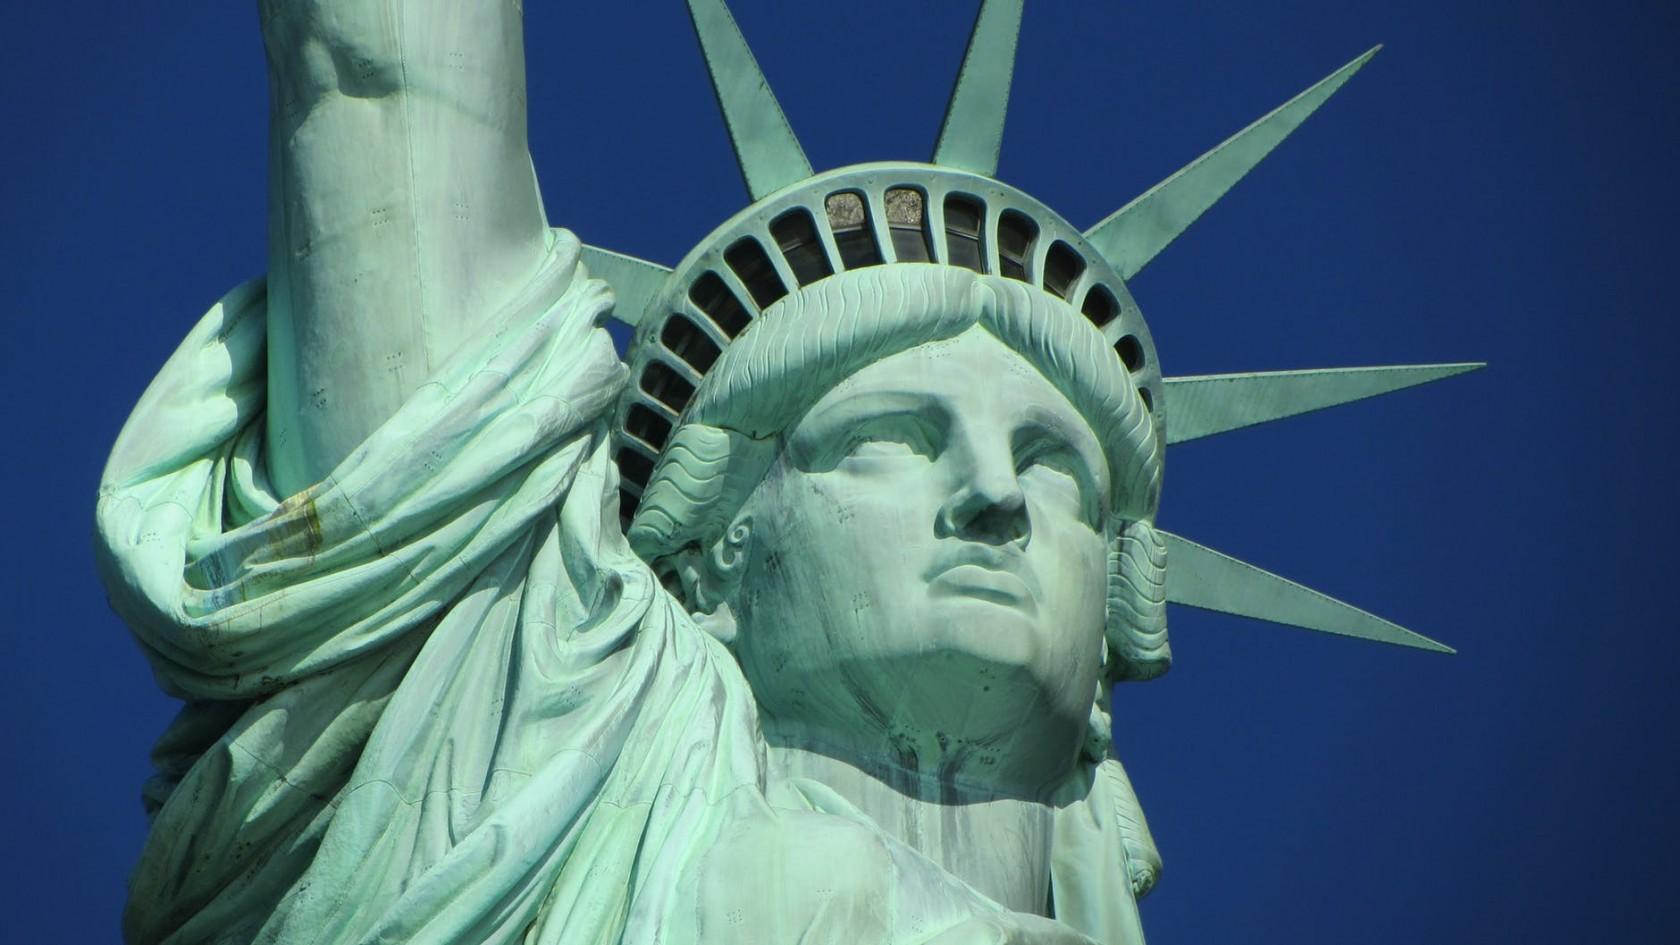 ISEWORLD İLE AMERİKA'DA YÜKSEK LİSANS EĞİTİMİ